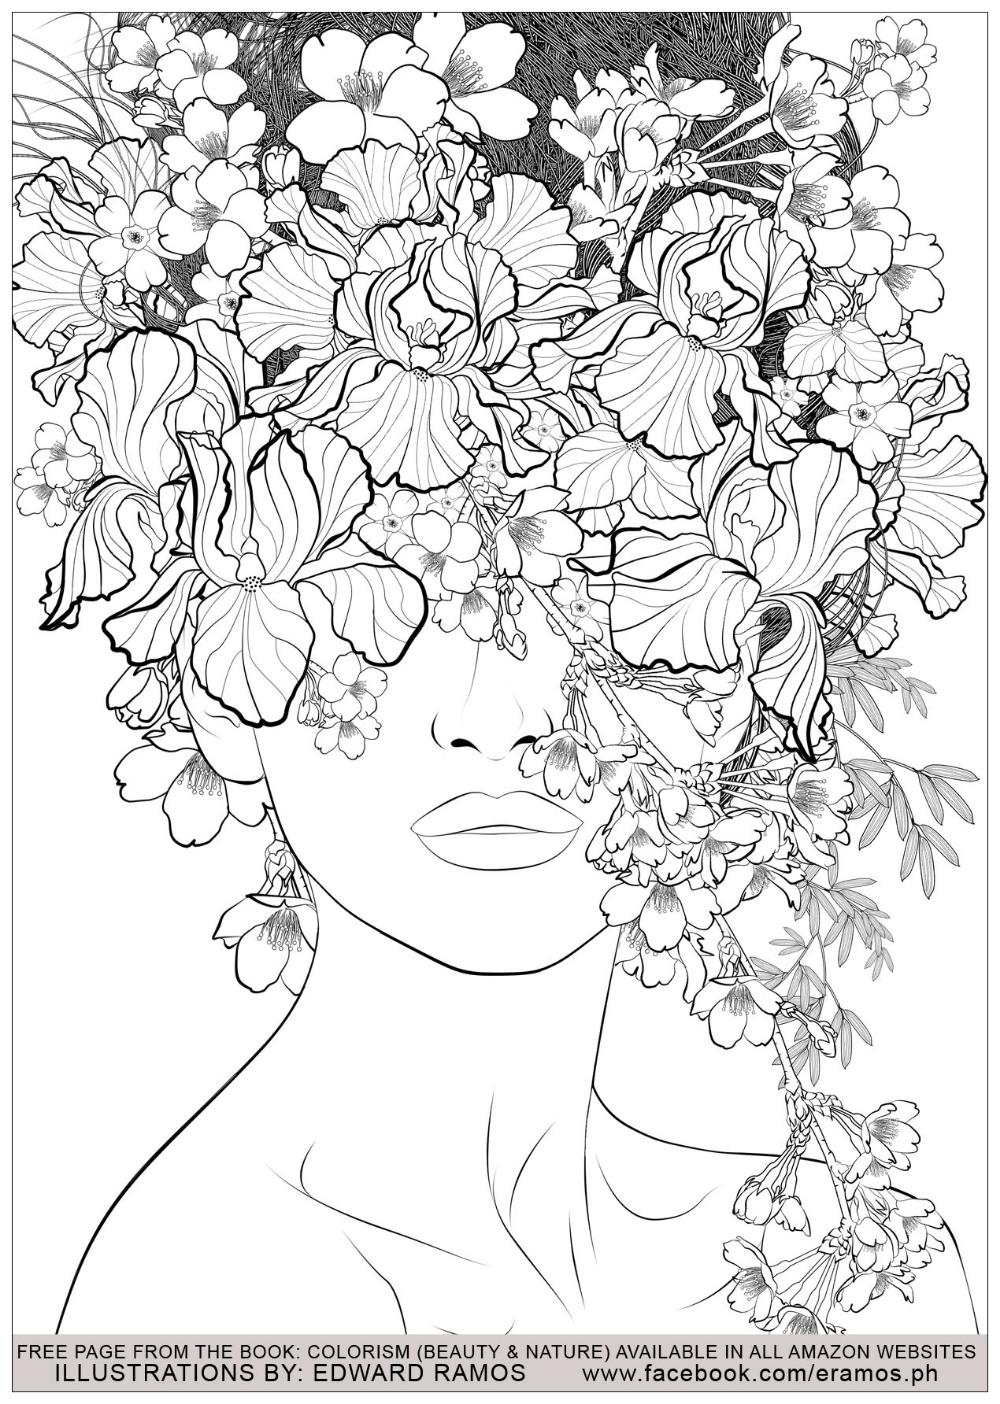 Colorear Para Adultos Anti Stress Zen 5 Mandalas Para Colorear Animales Libros Para Colorear Adultos Pintar Para Adultos